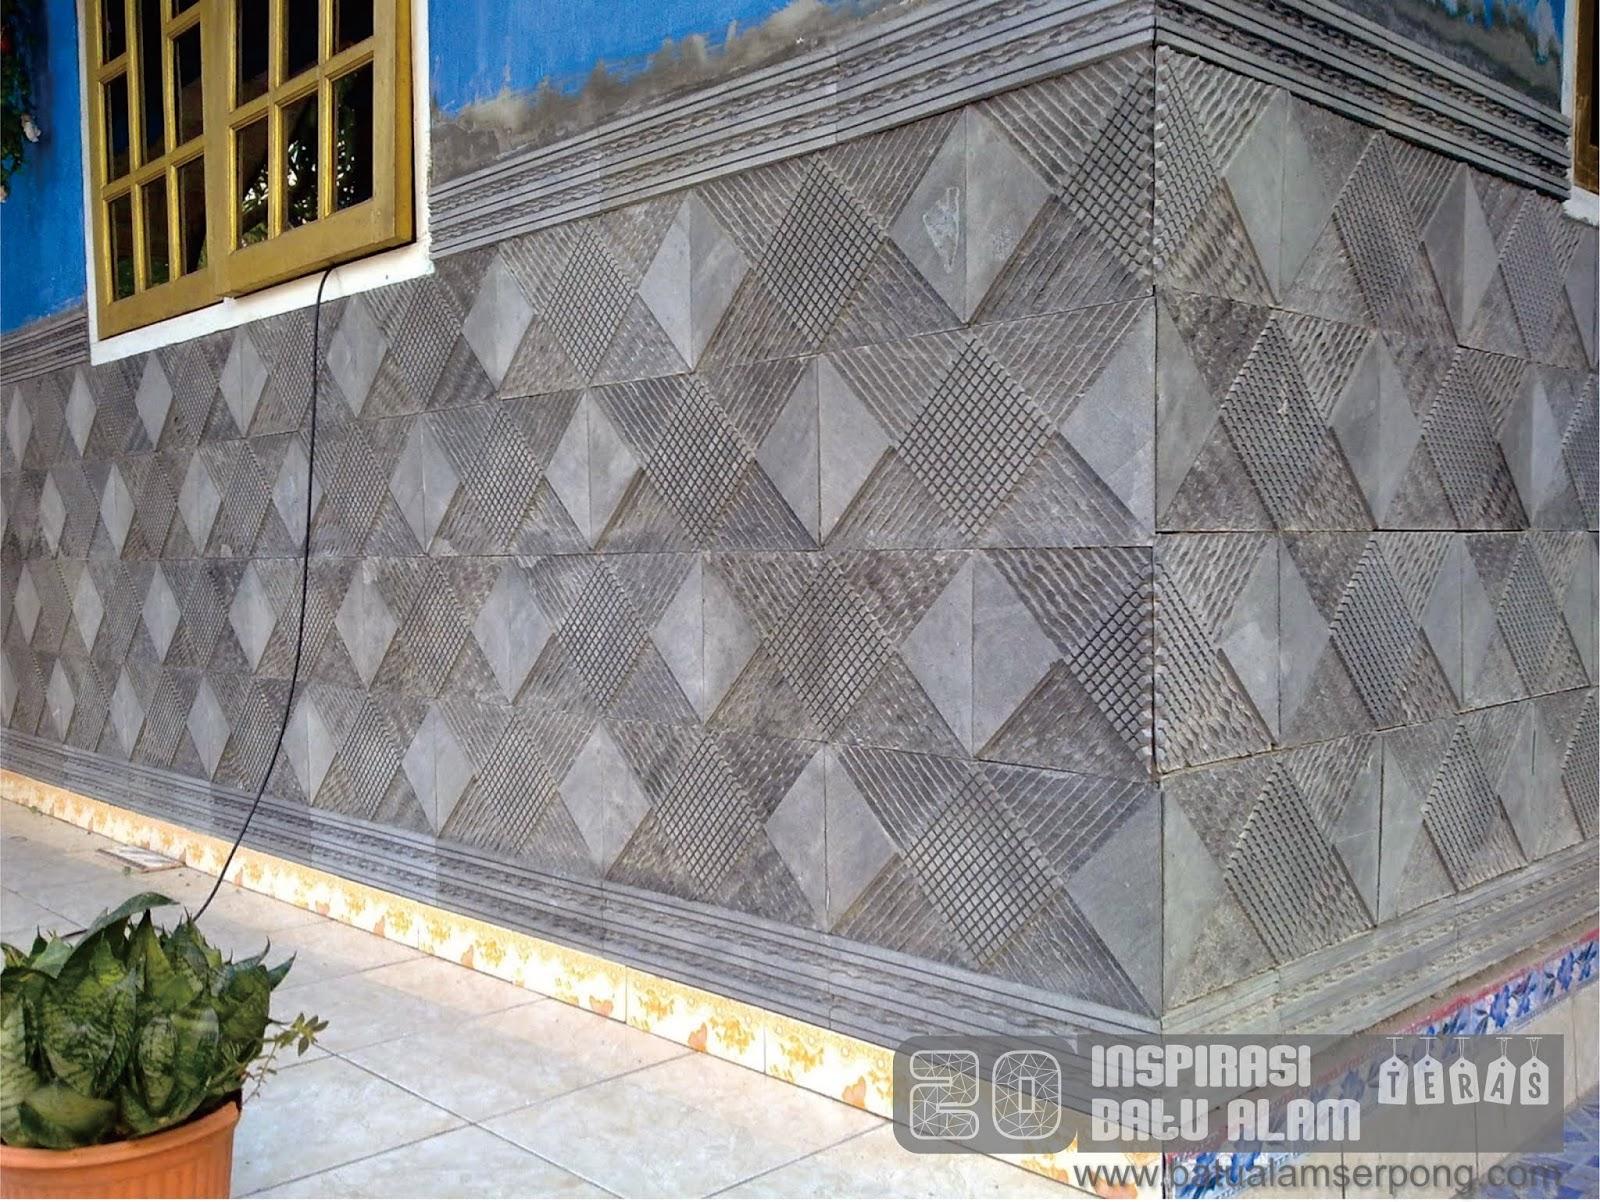 8600 Koleksi Contoh Gambar Rumah Dg Hiasan Batu Alam Gratis Terbaru